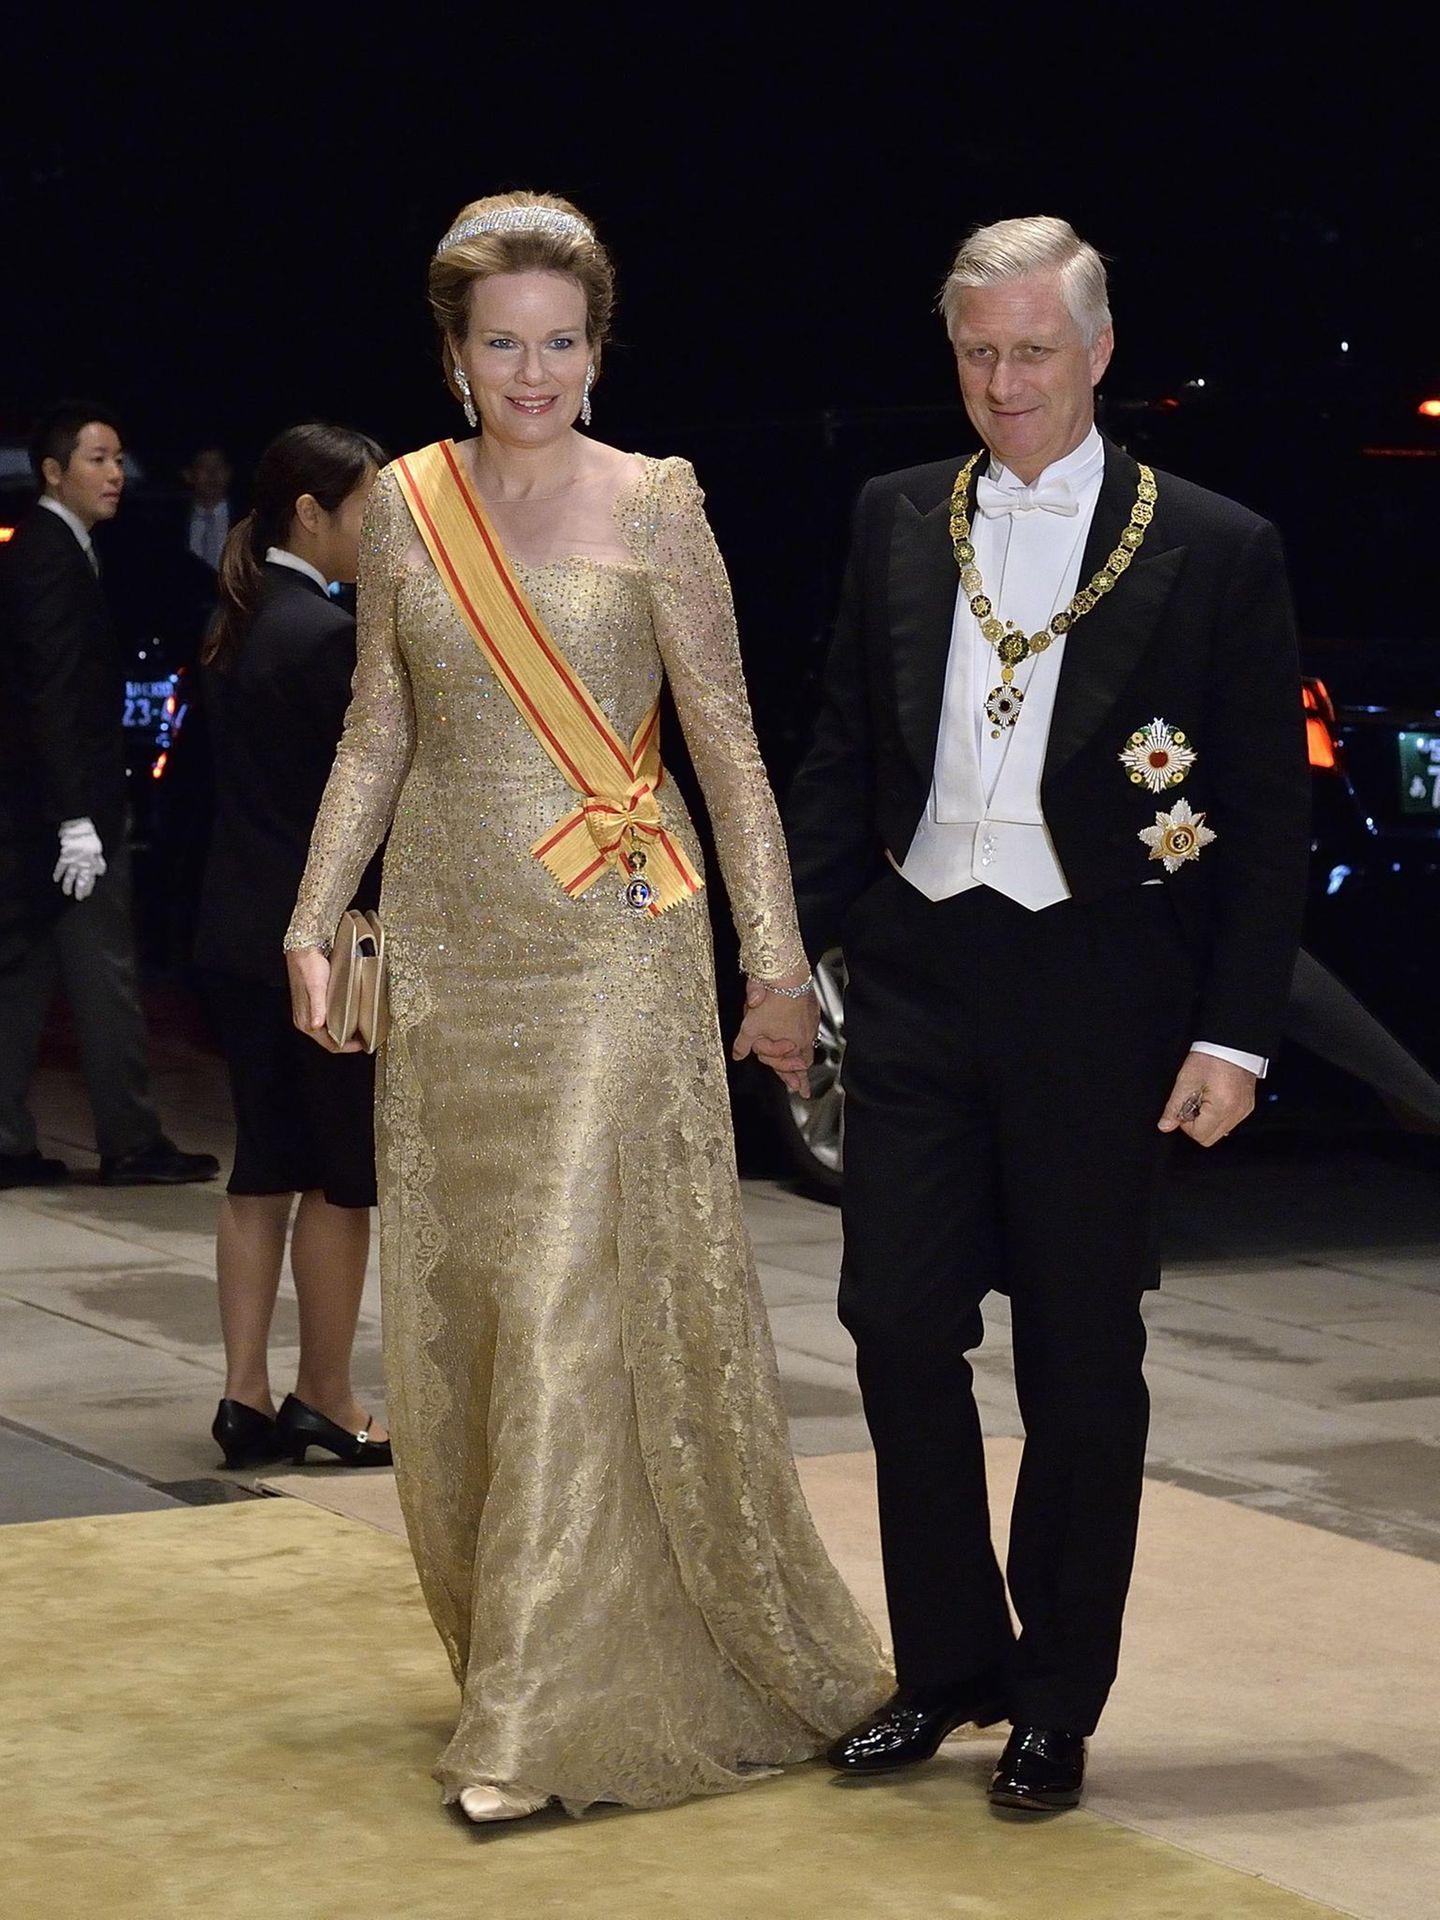 Auch Königin Mathilde setzt für den Abend auf Glitzer und erscheint in einer bodenlangen Robe mit einer Schleppe aus goldener Spitze und einem durchsichtigen Einsatz am Dekolleté. Während sich die Schärpe farblich absetzt, passen Schuhe und Clutch perfekt zum Kleid. Die opulenten Schmuckstücke sorgen für noch mehr Glamour.